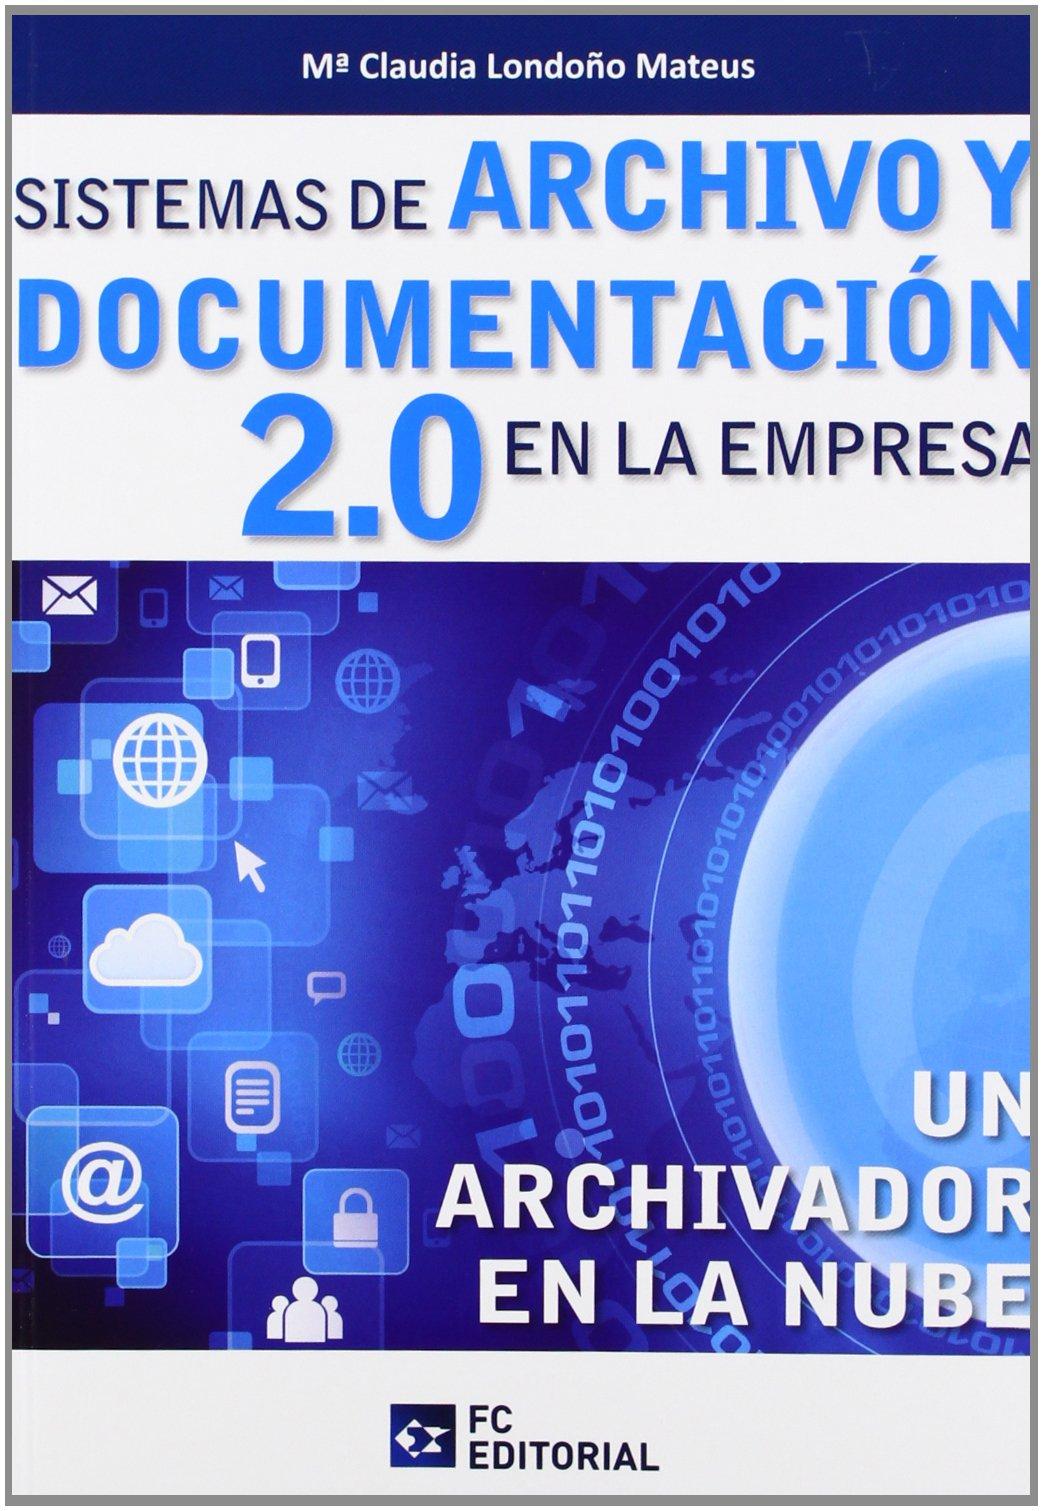 Sistemas de archivo y documentación 2.0 en la empresa: Un archivador en la nube: Amazon.es: María Claudia Londoño Mateus: Libros